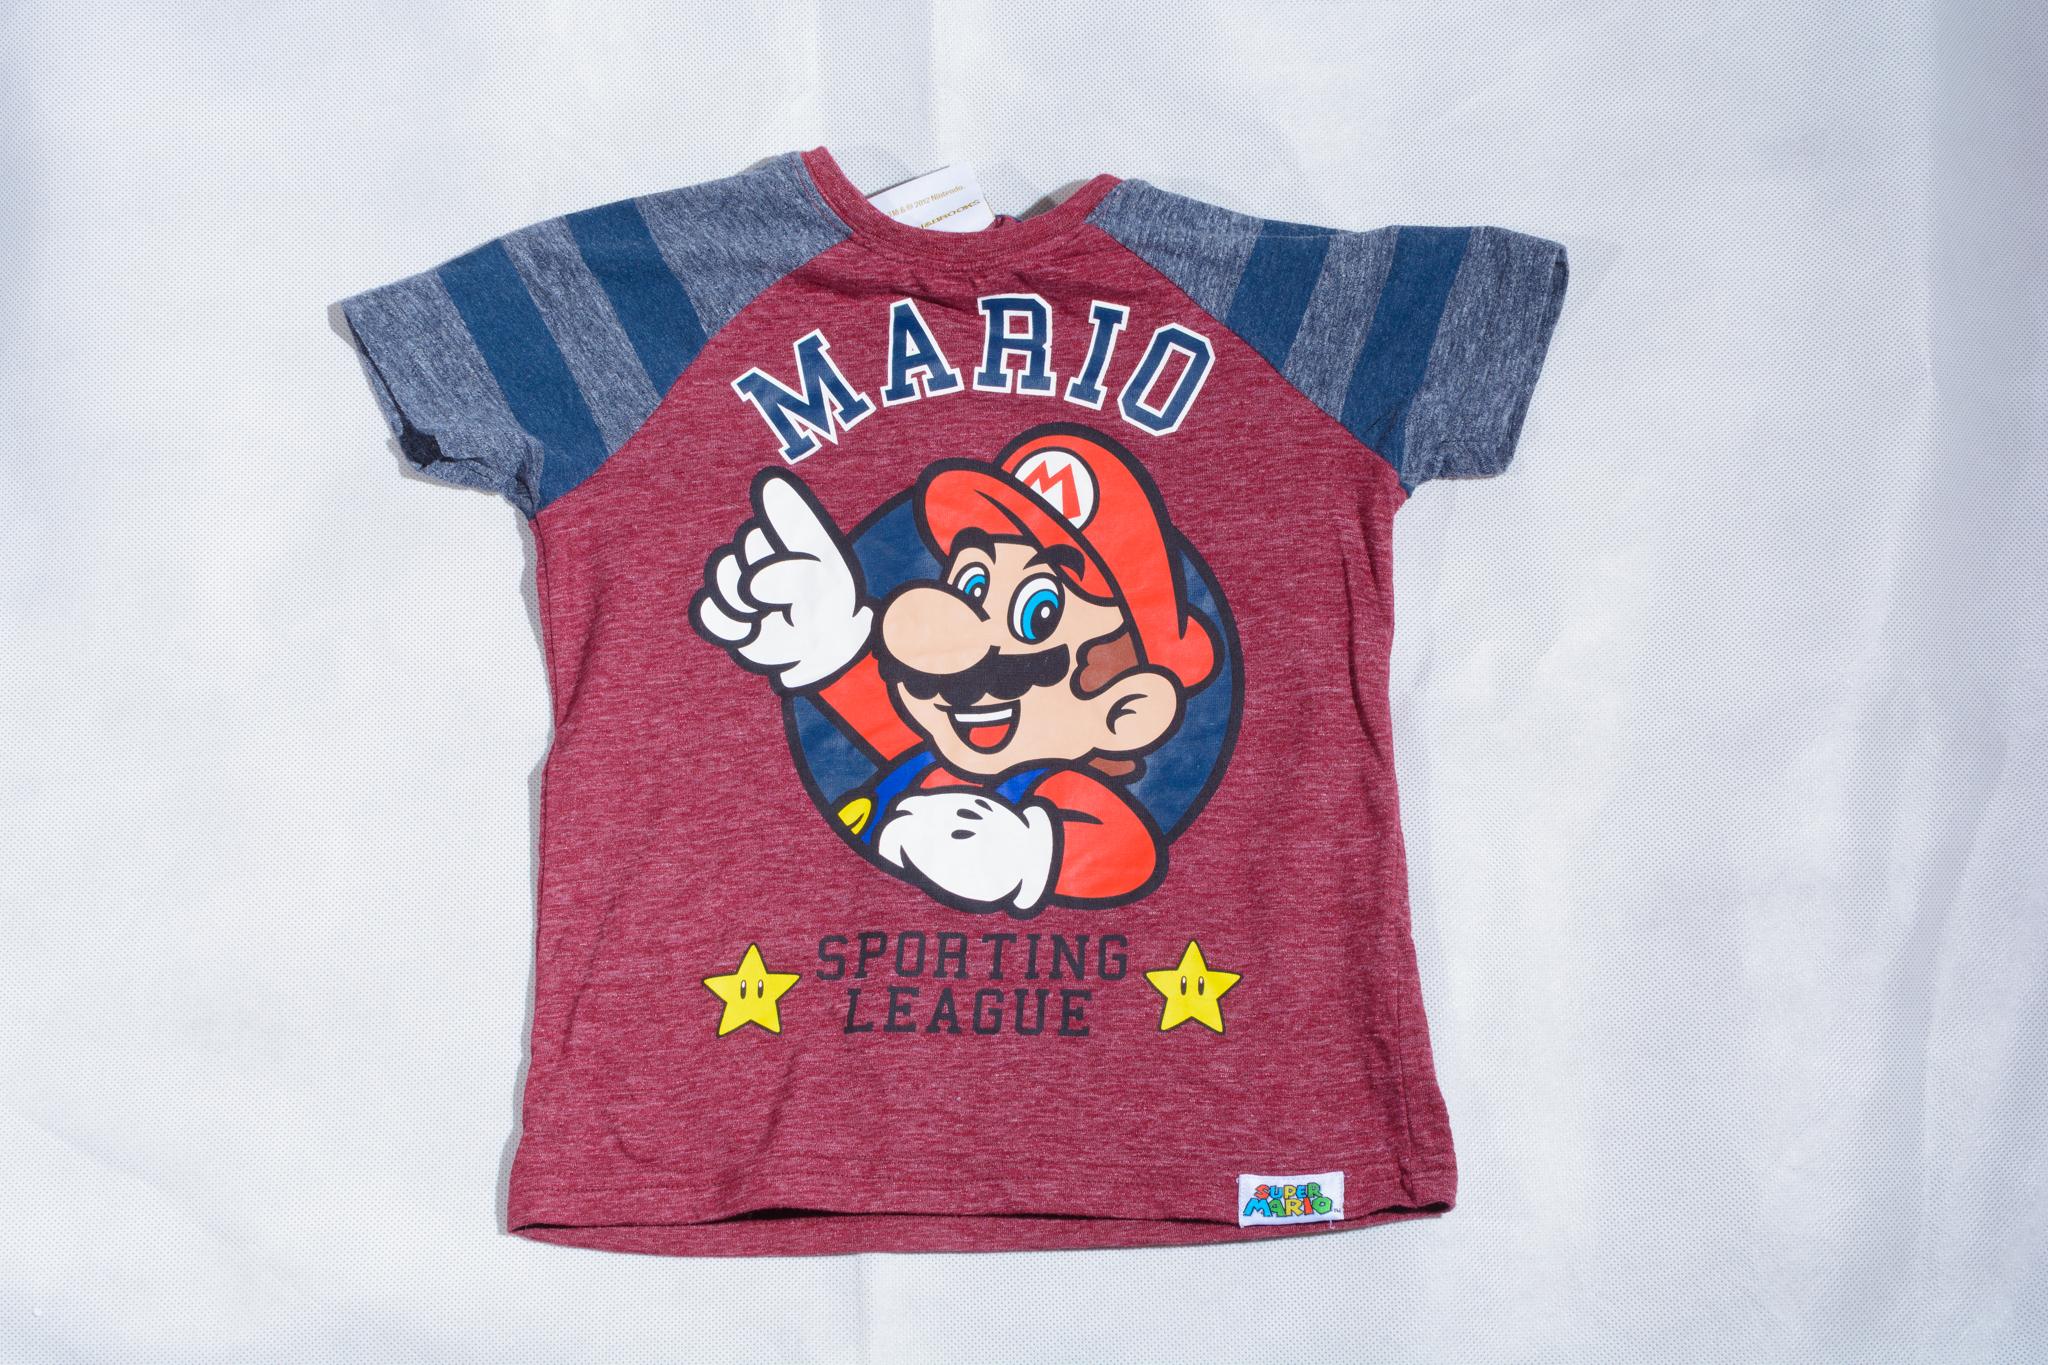 Next Super Mario T Shirt 5 Years Aylsham Kids